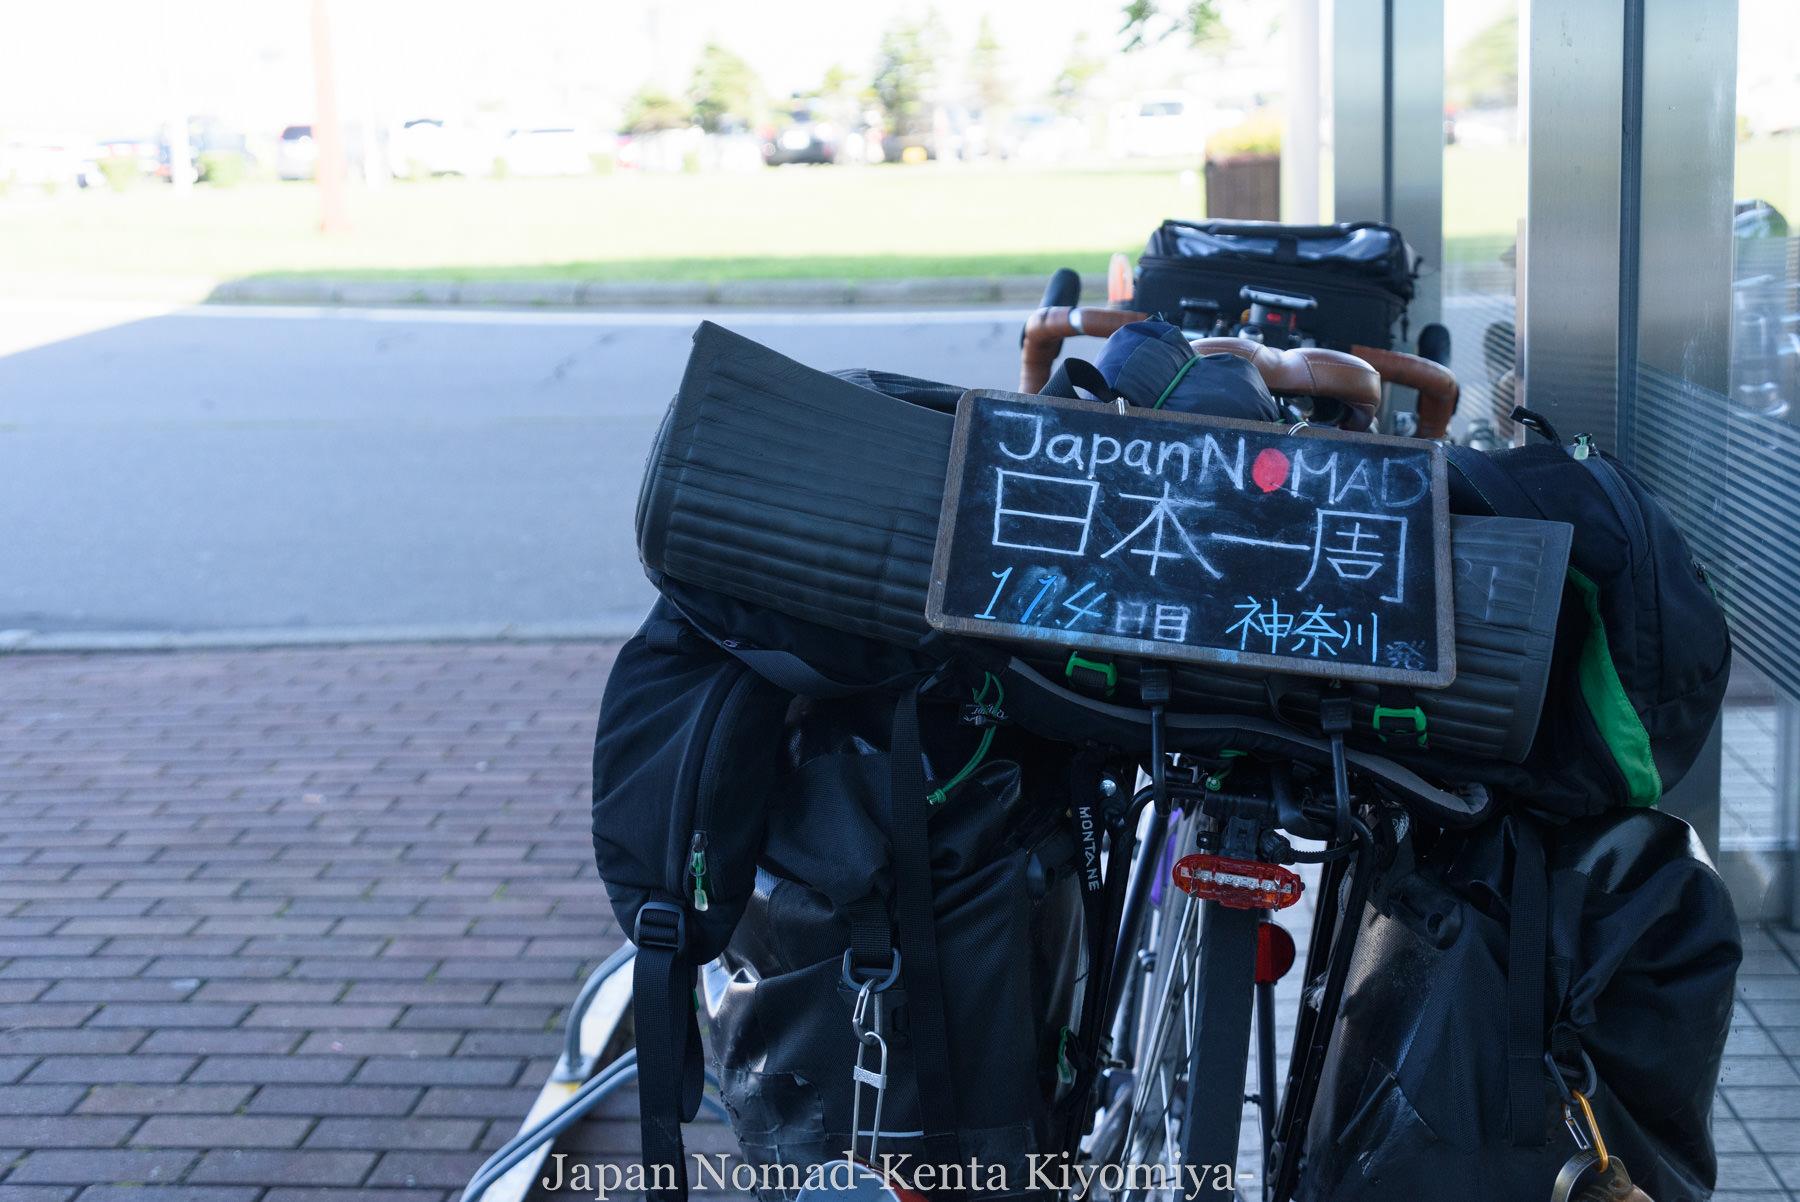 自転車日本一周114日目(地球岬、室蘭工場夜景)-Japan Nomad (1)